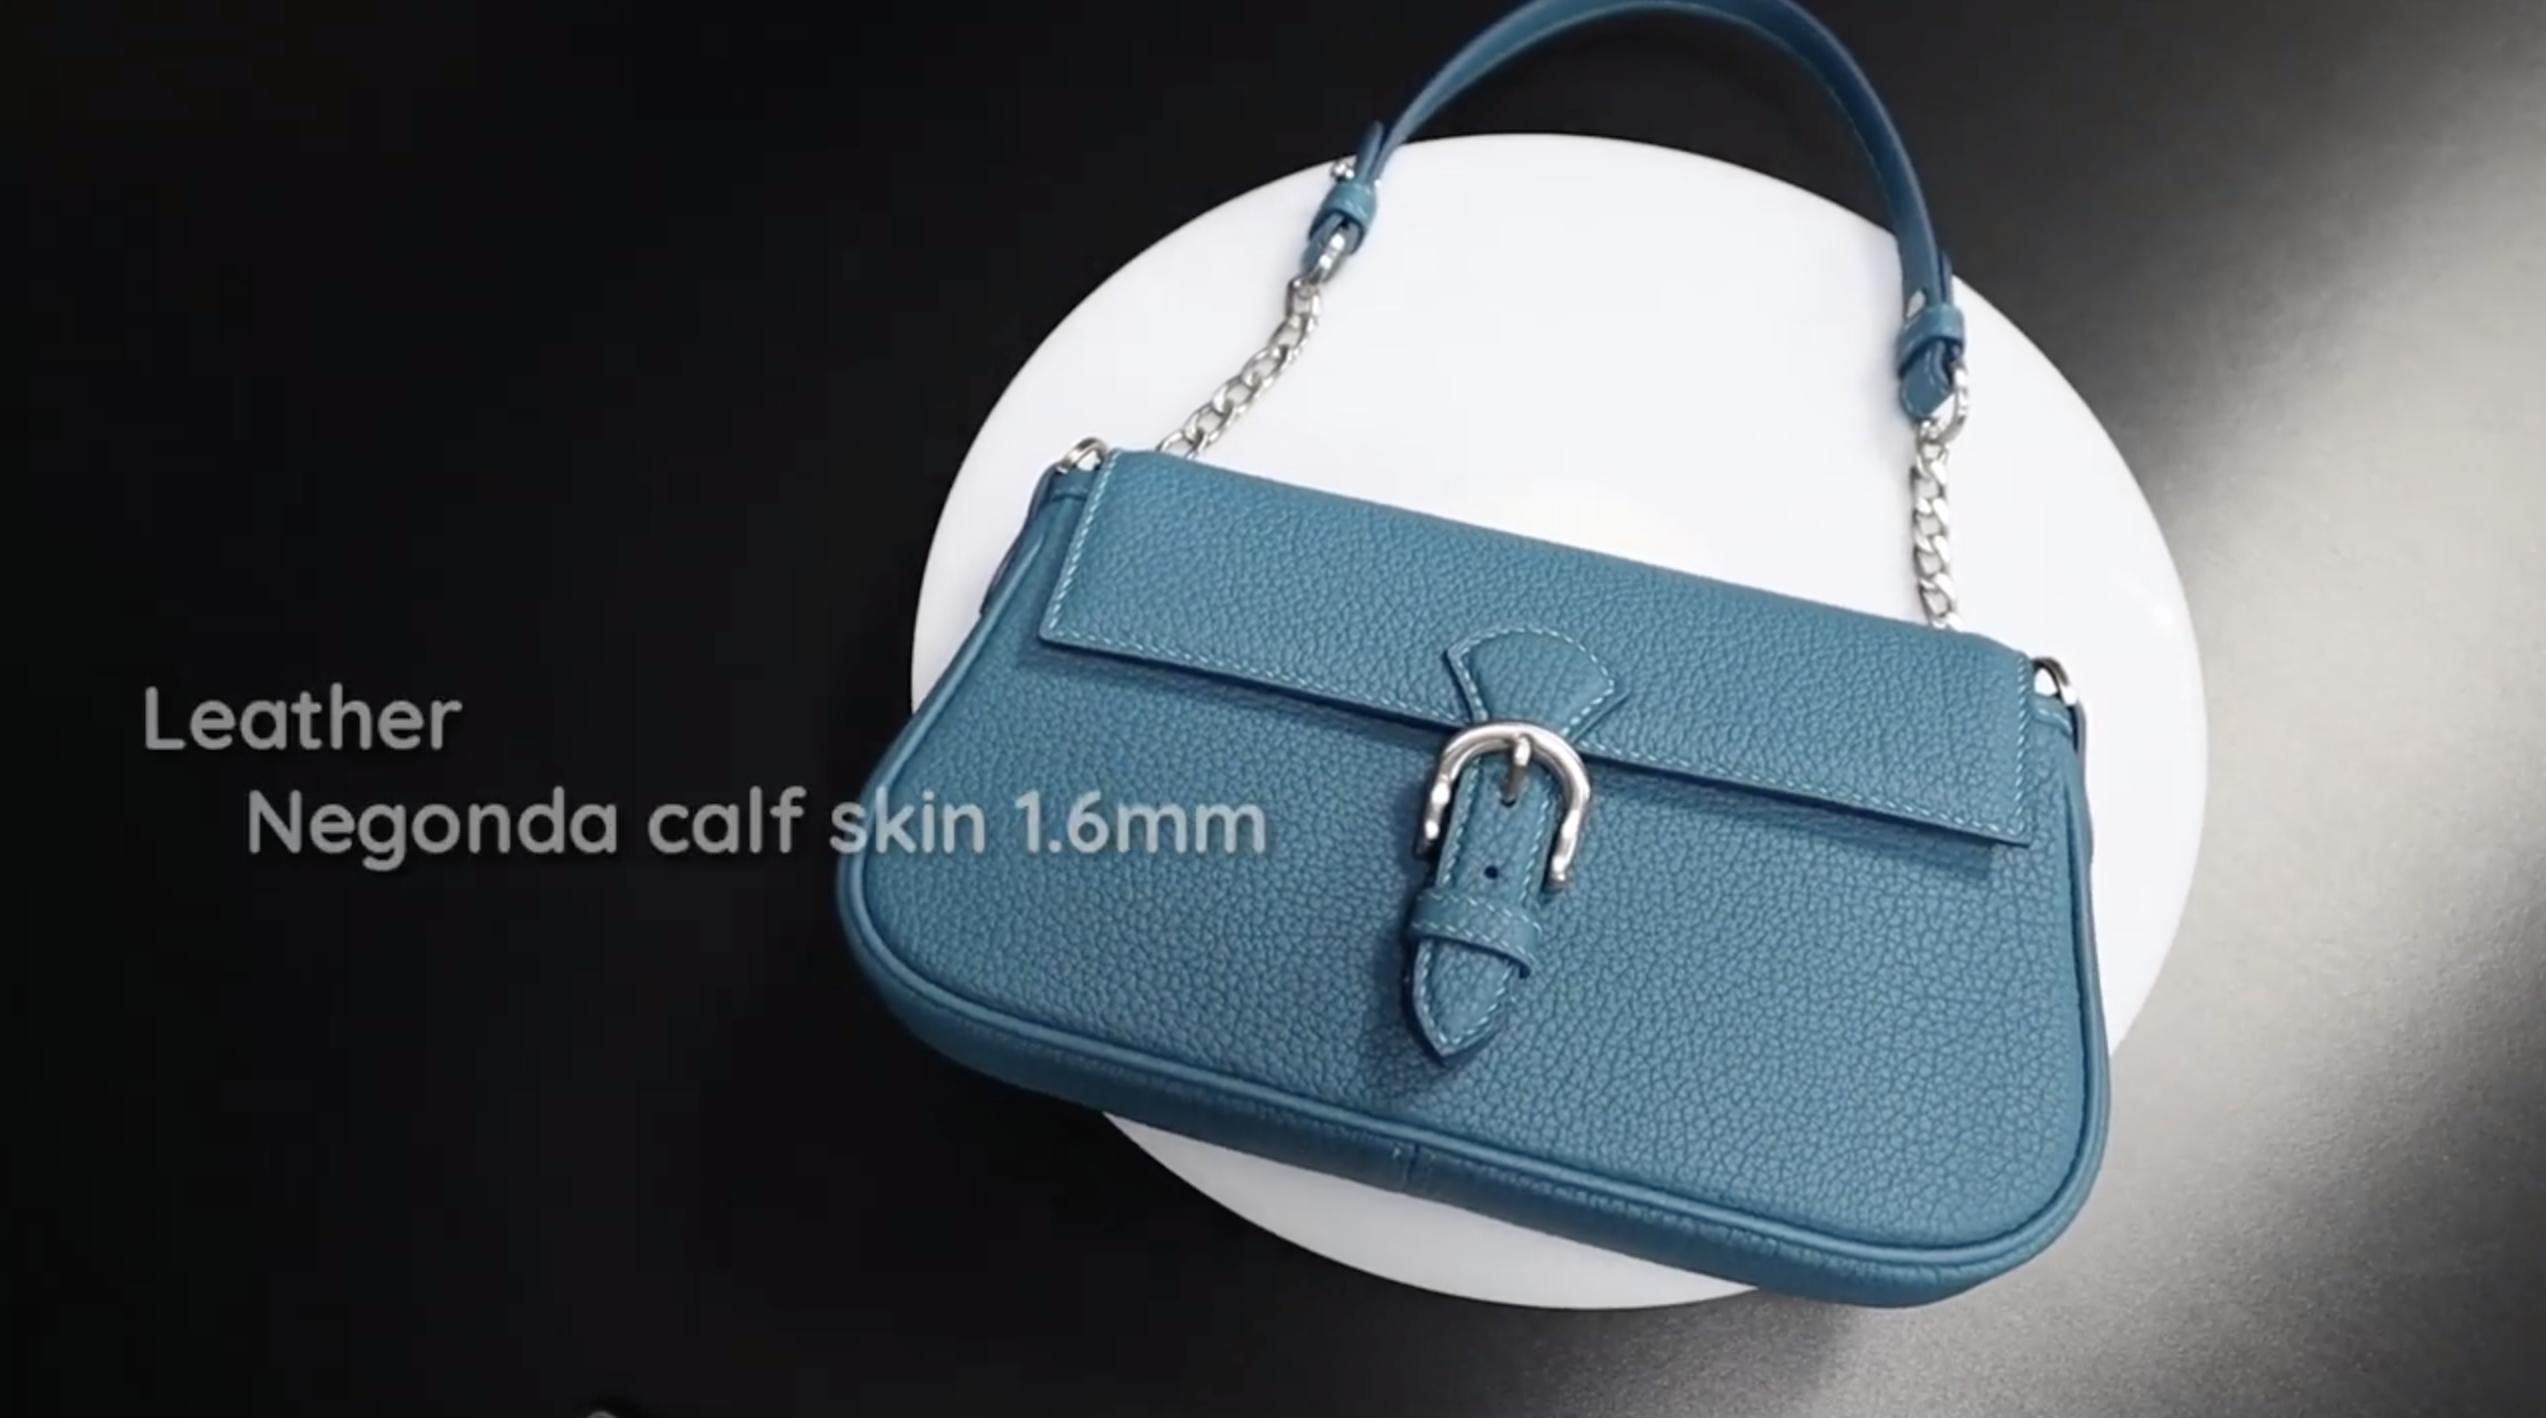 【手工皮具】女士蓝色挎包系列之2 手工皮具制作视频教程 Heal studio 出品 搬运转载